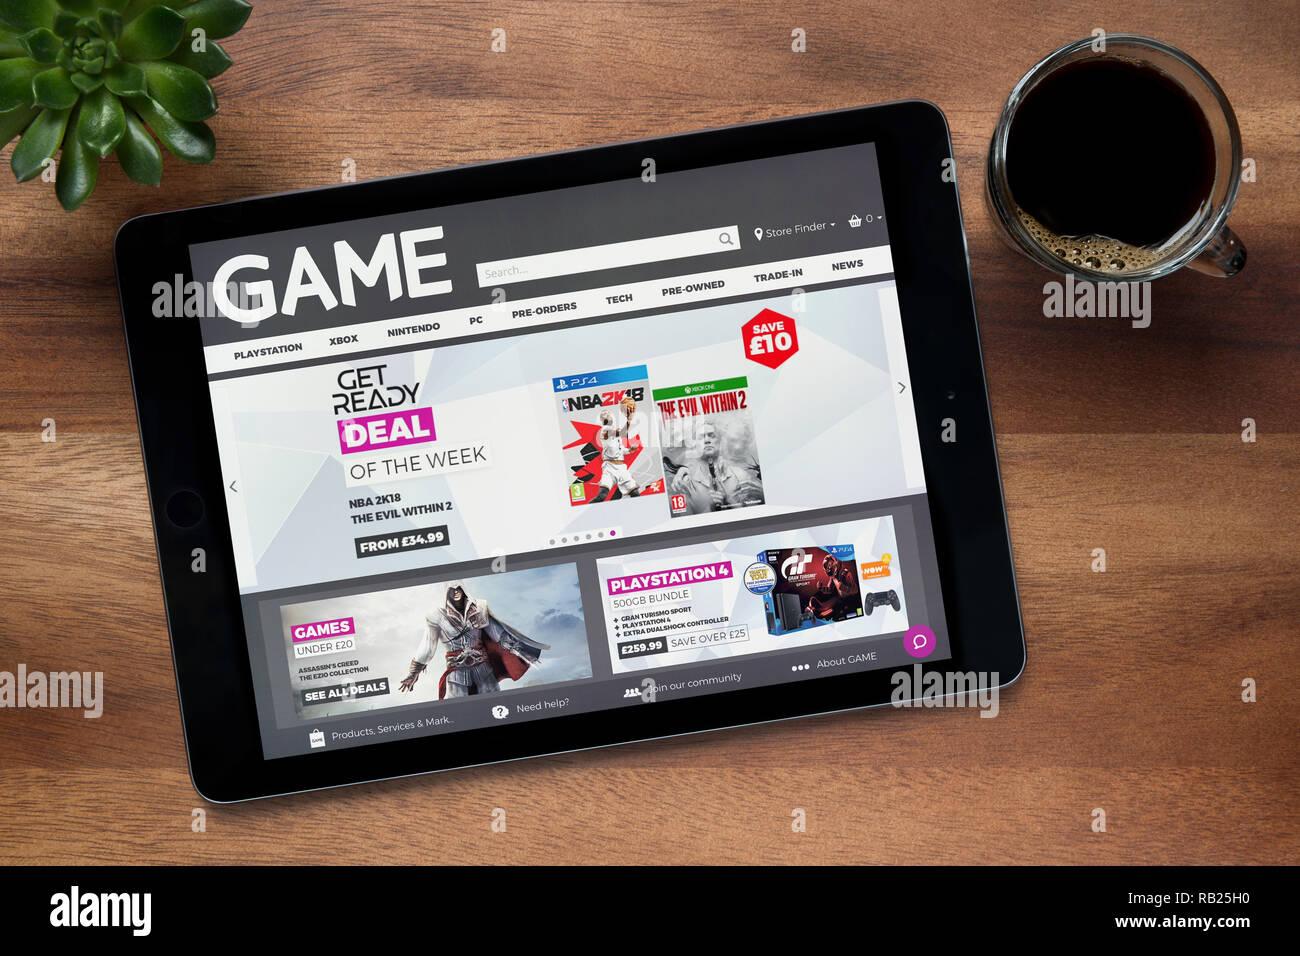 Le site internet de jeu détaillant est vu sur une tablette iPad, sur une table en bois avec une machine à expresso et d'une plante (usage éditorial uniquement). Photo Stock